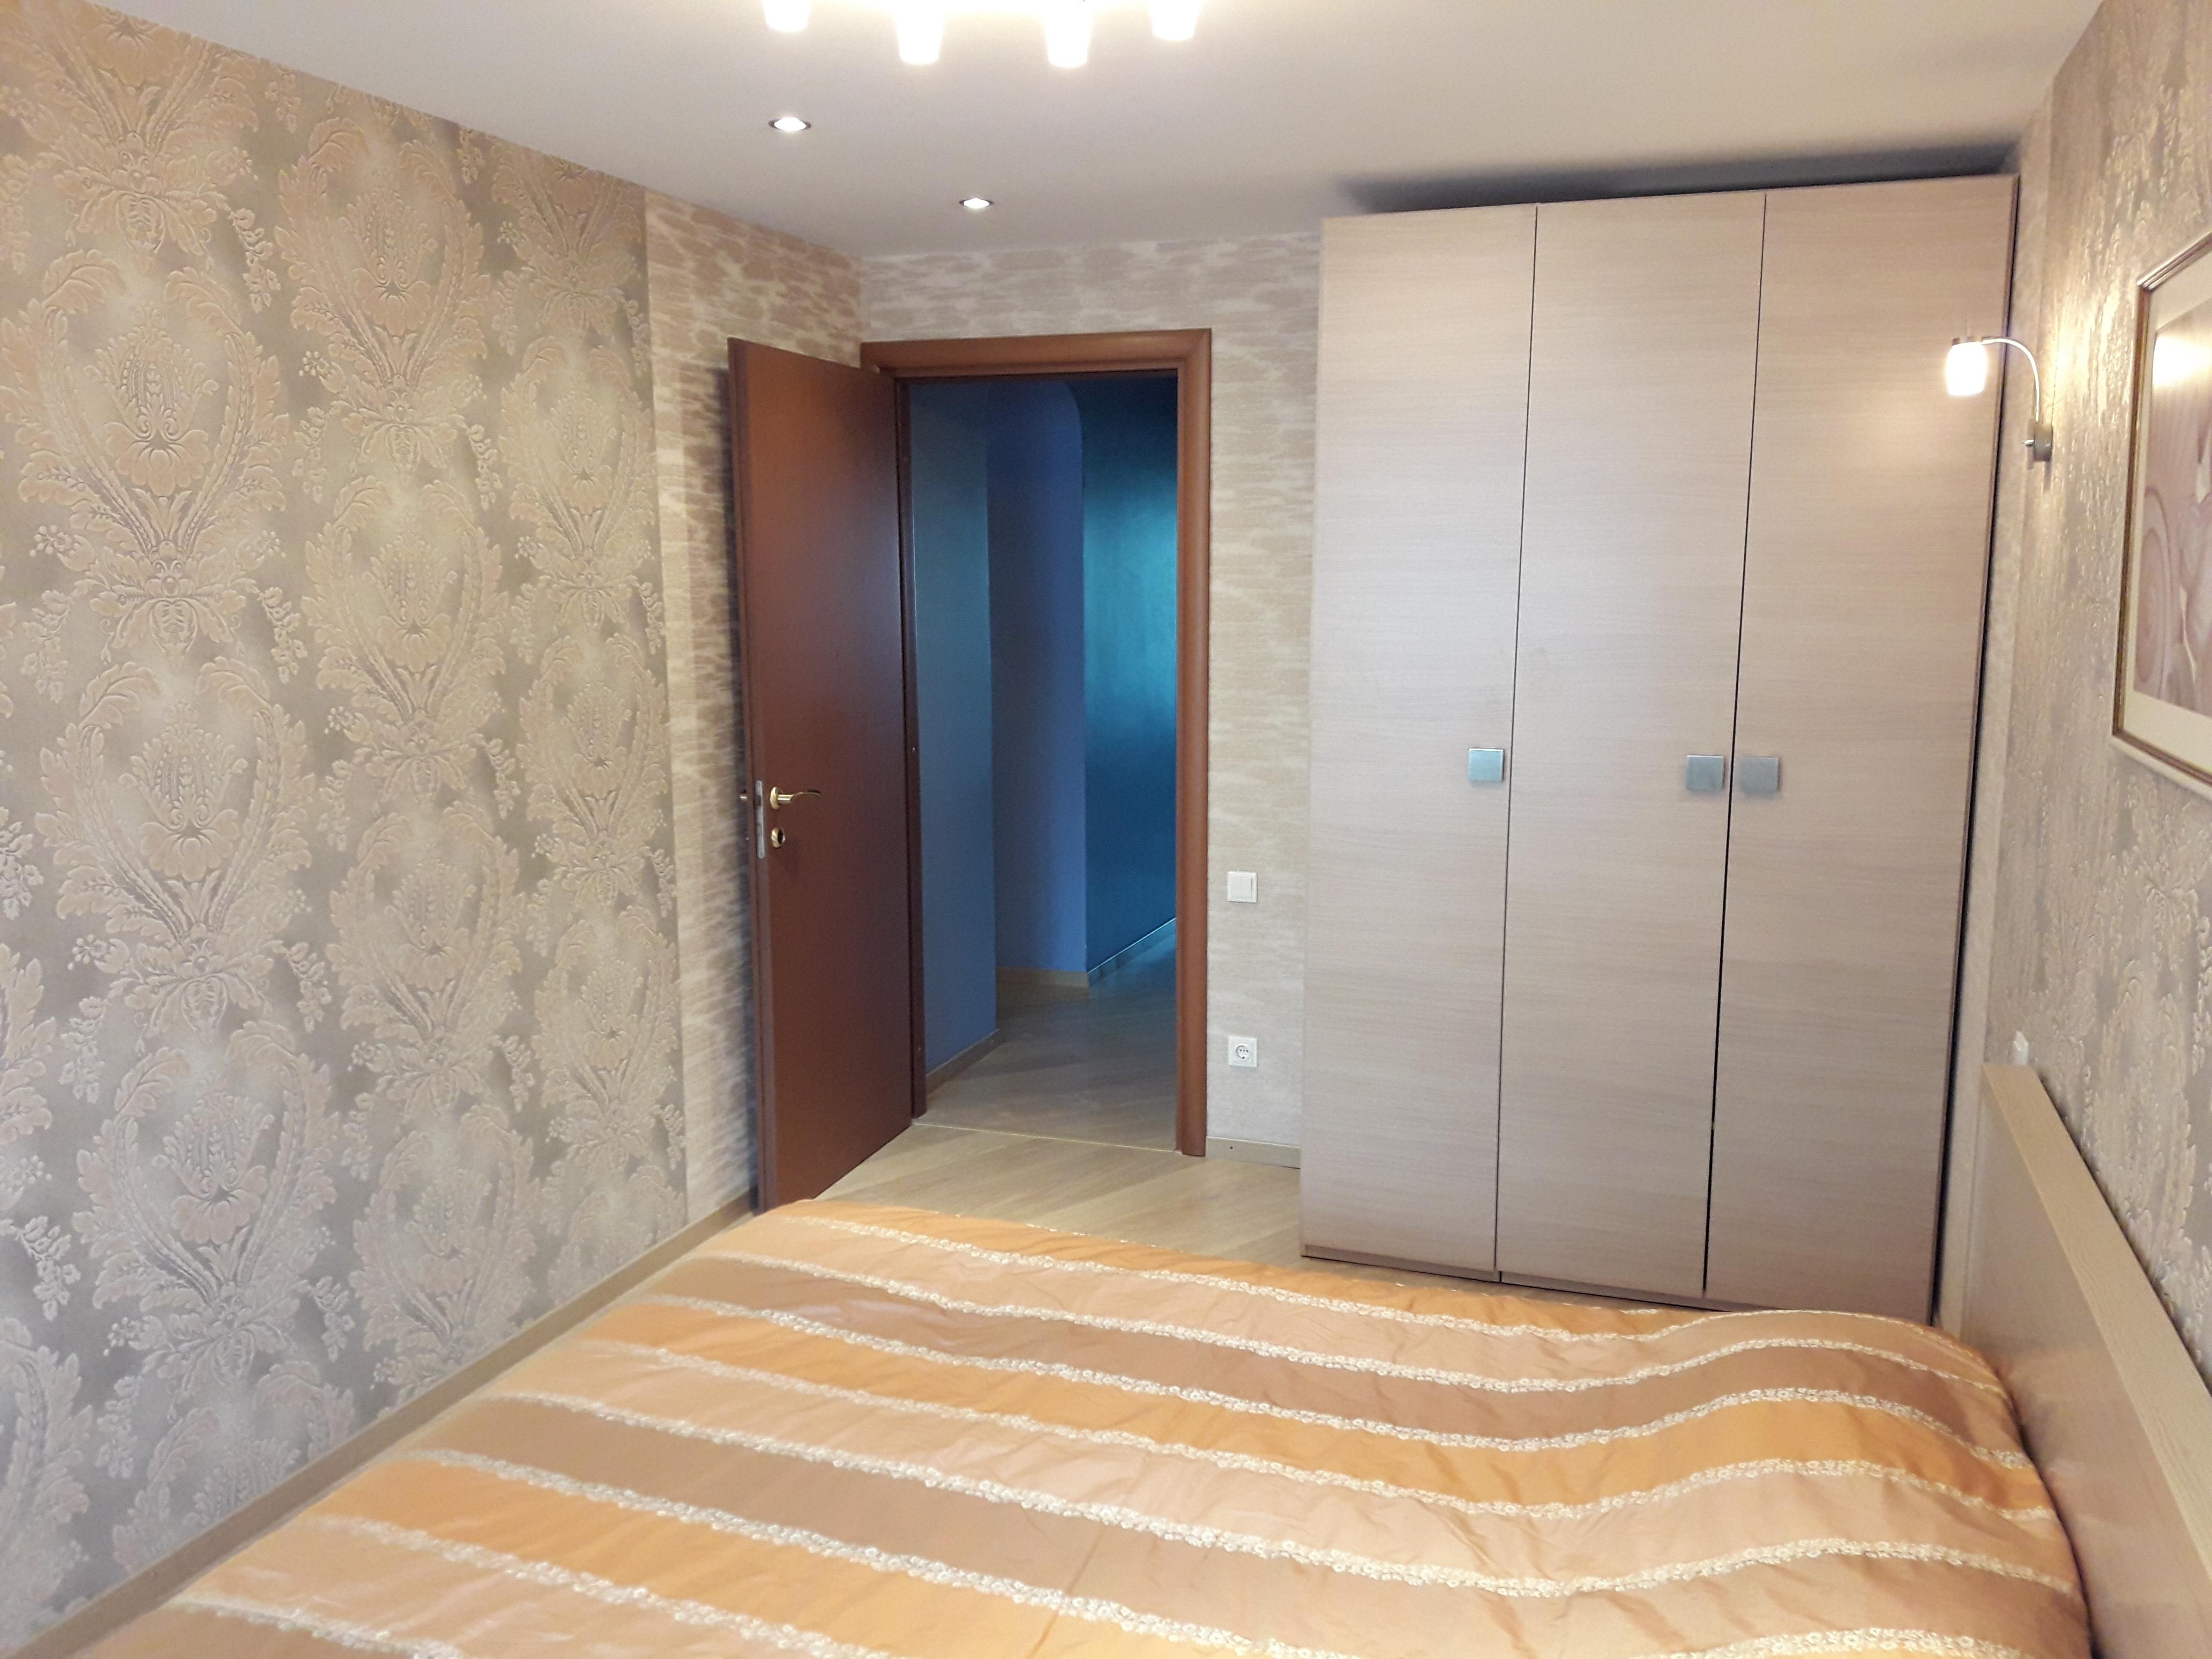 Продам 3-комнатную квартиру в городе Саратов, на улице Вольская,  127/133, 8-этаж 10-этажного кирпичный дома, площадь: 82/50.6/12.1 м2